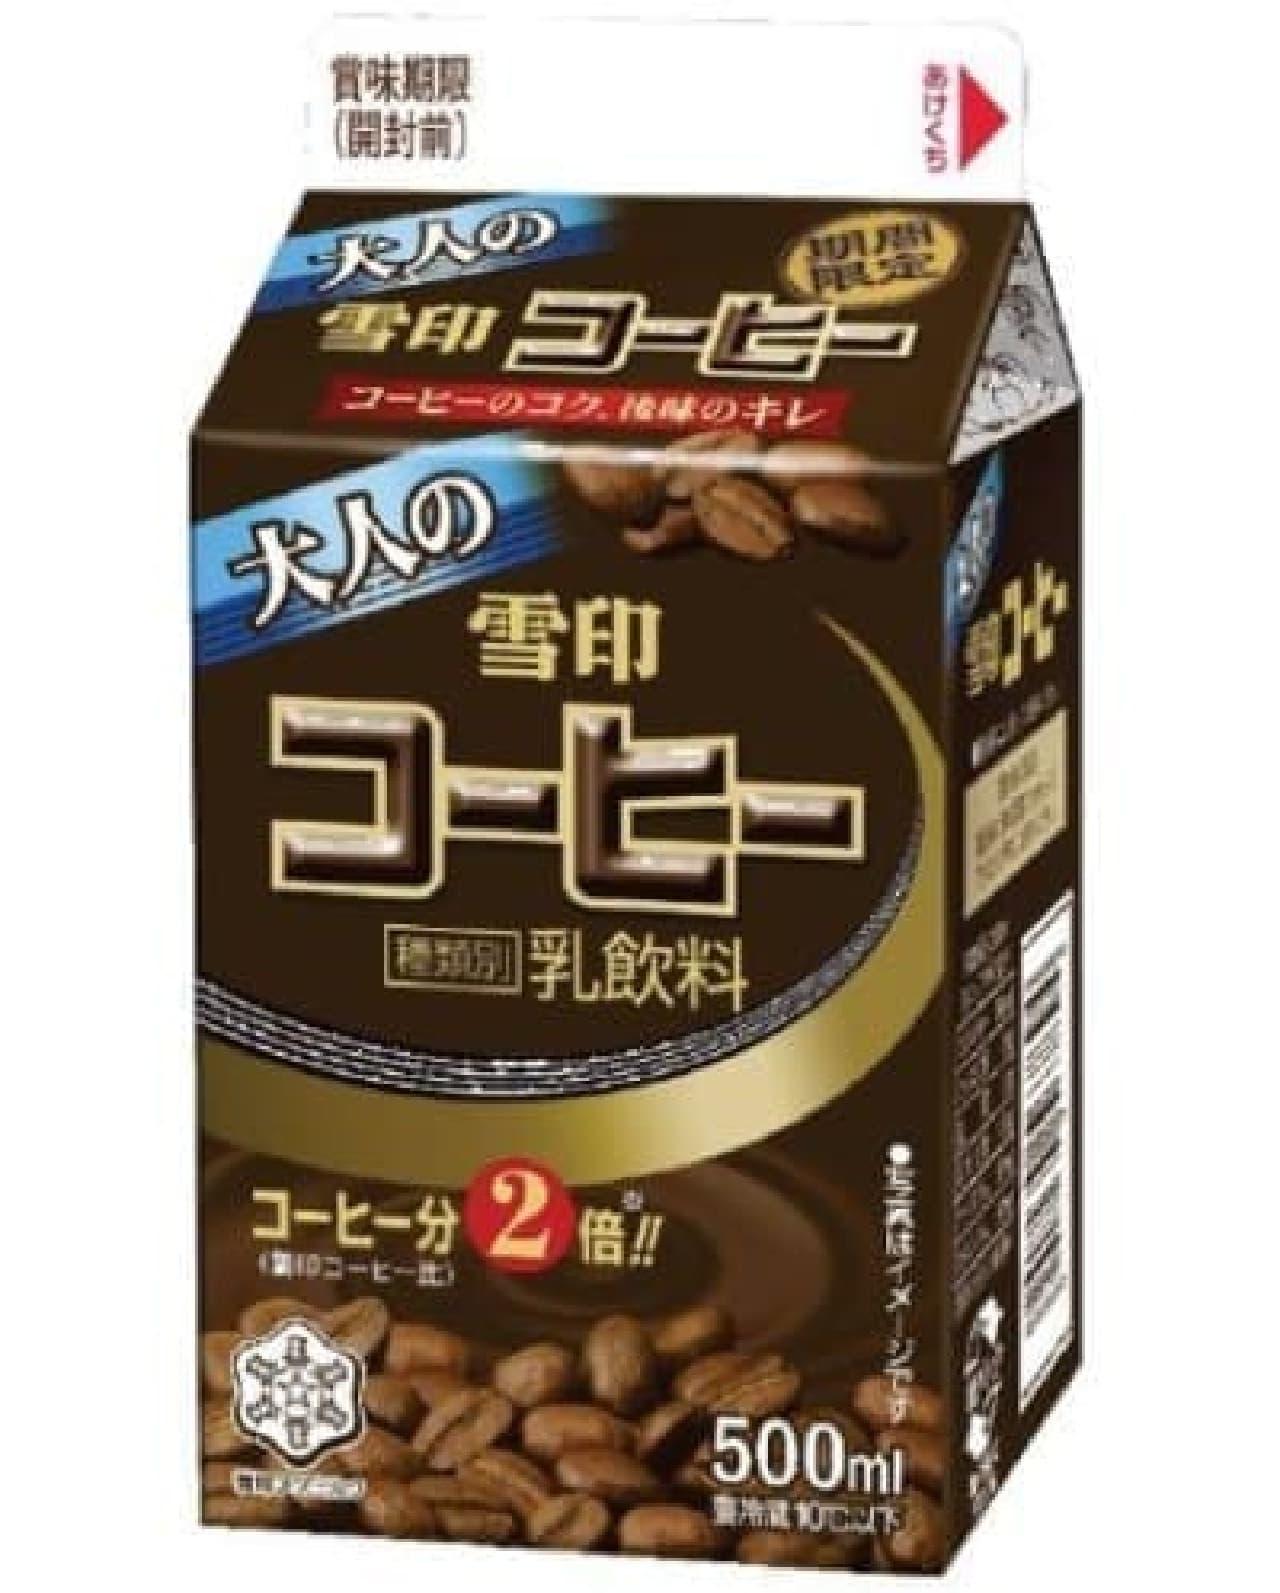 甘さ控えめ「大人の雪印コーヒー」